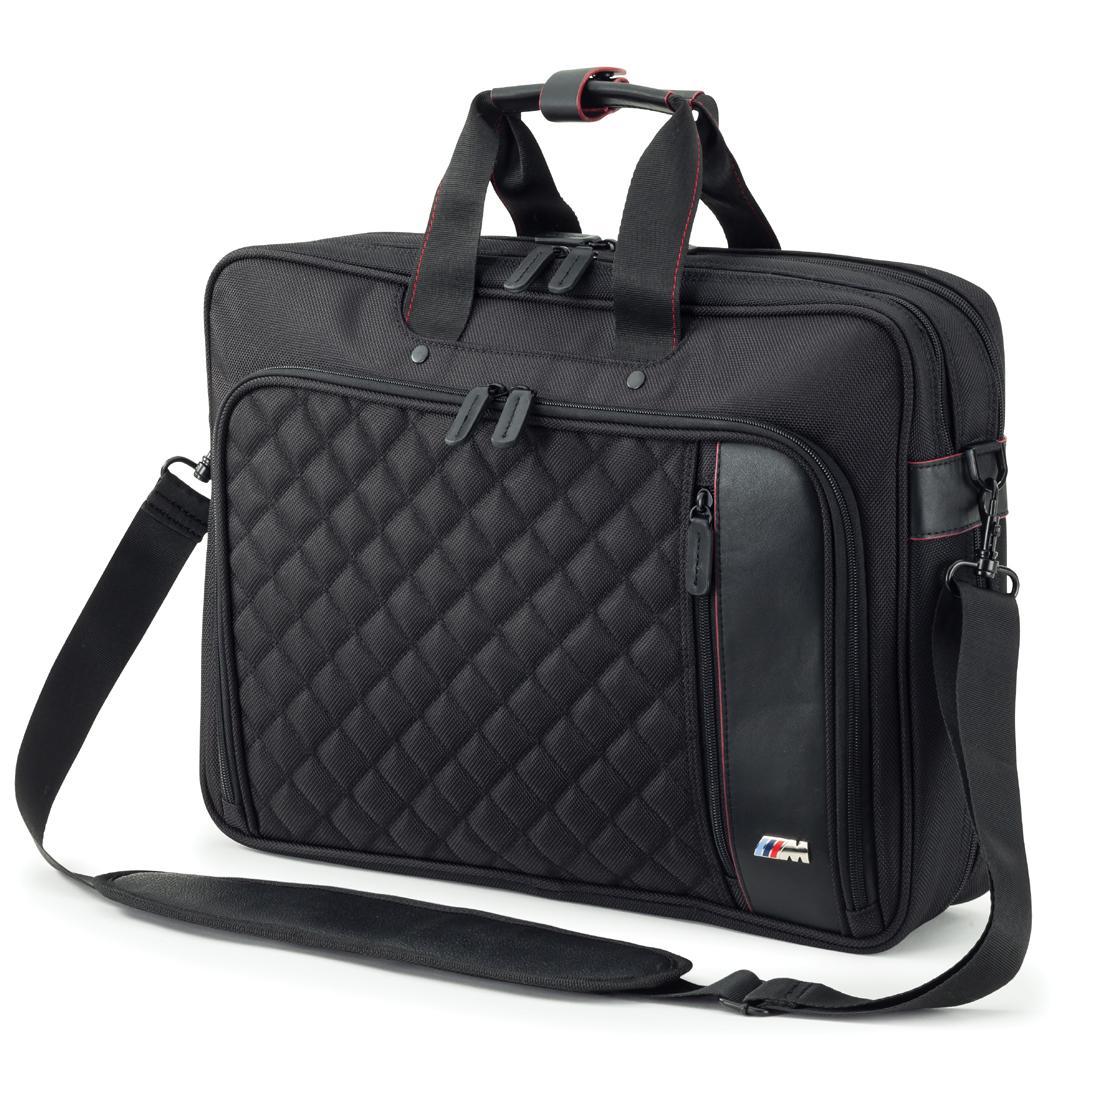 bmw m laptop bag. Black Bedroom Furniture Sets. Home Design Ideas